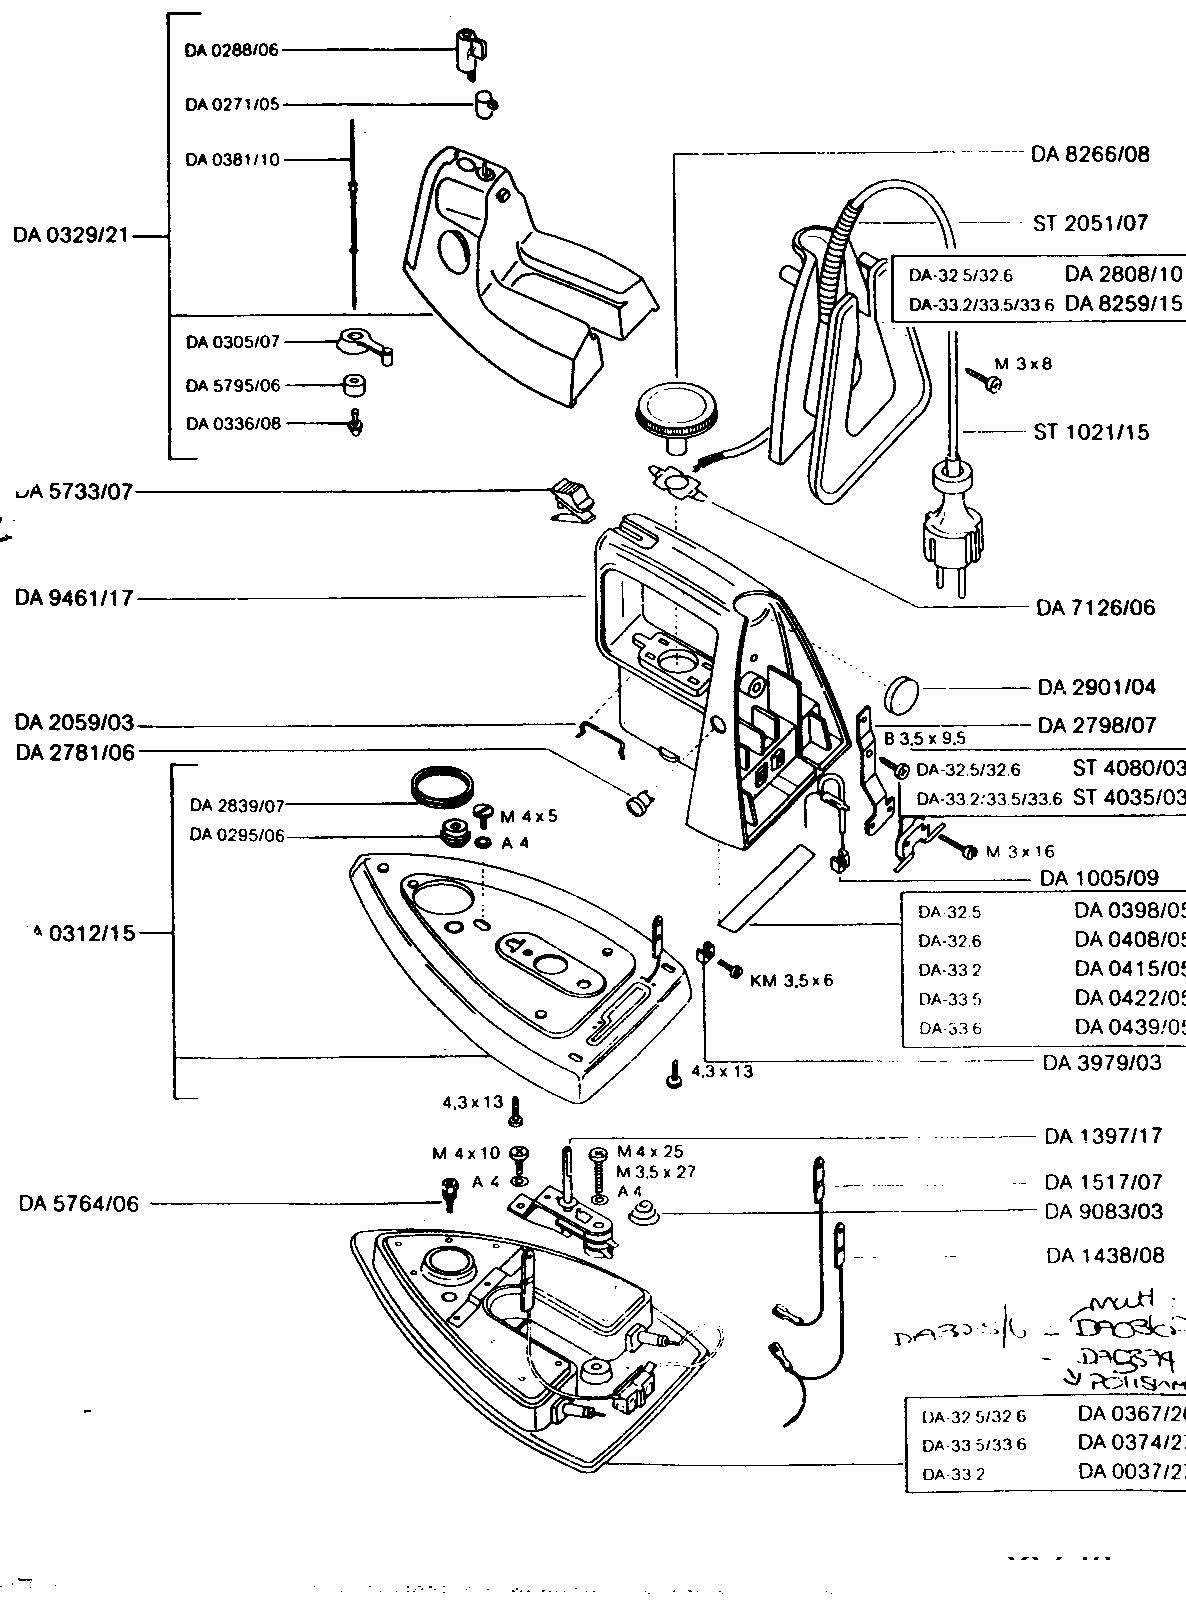 Rowenta Iron Parts Diagram